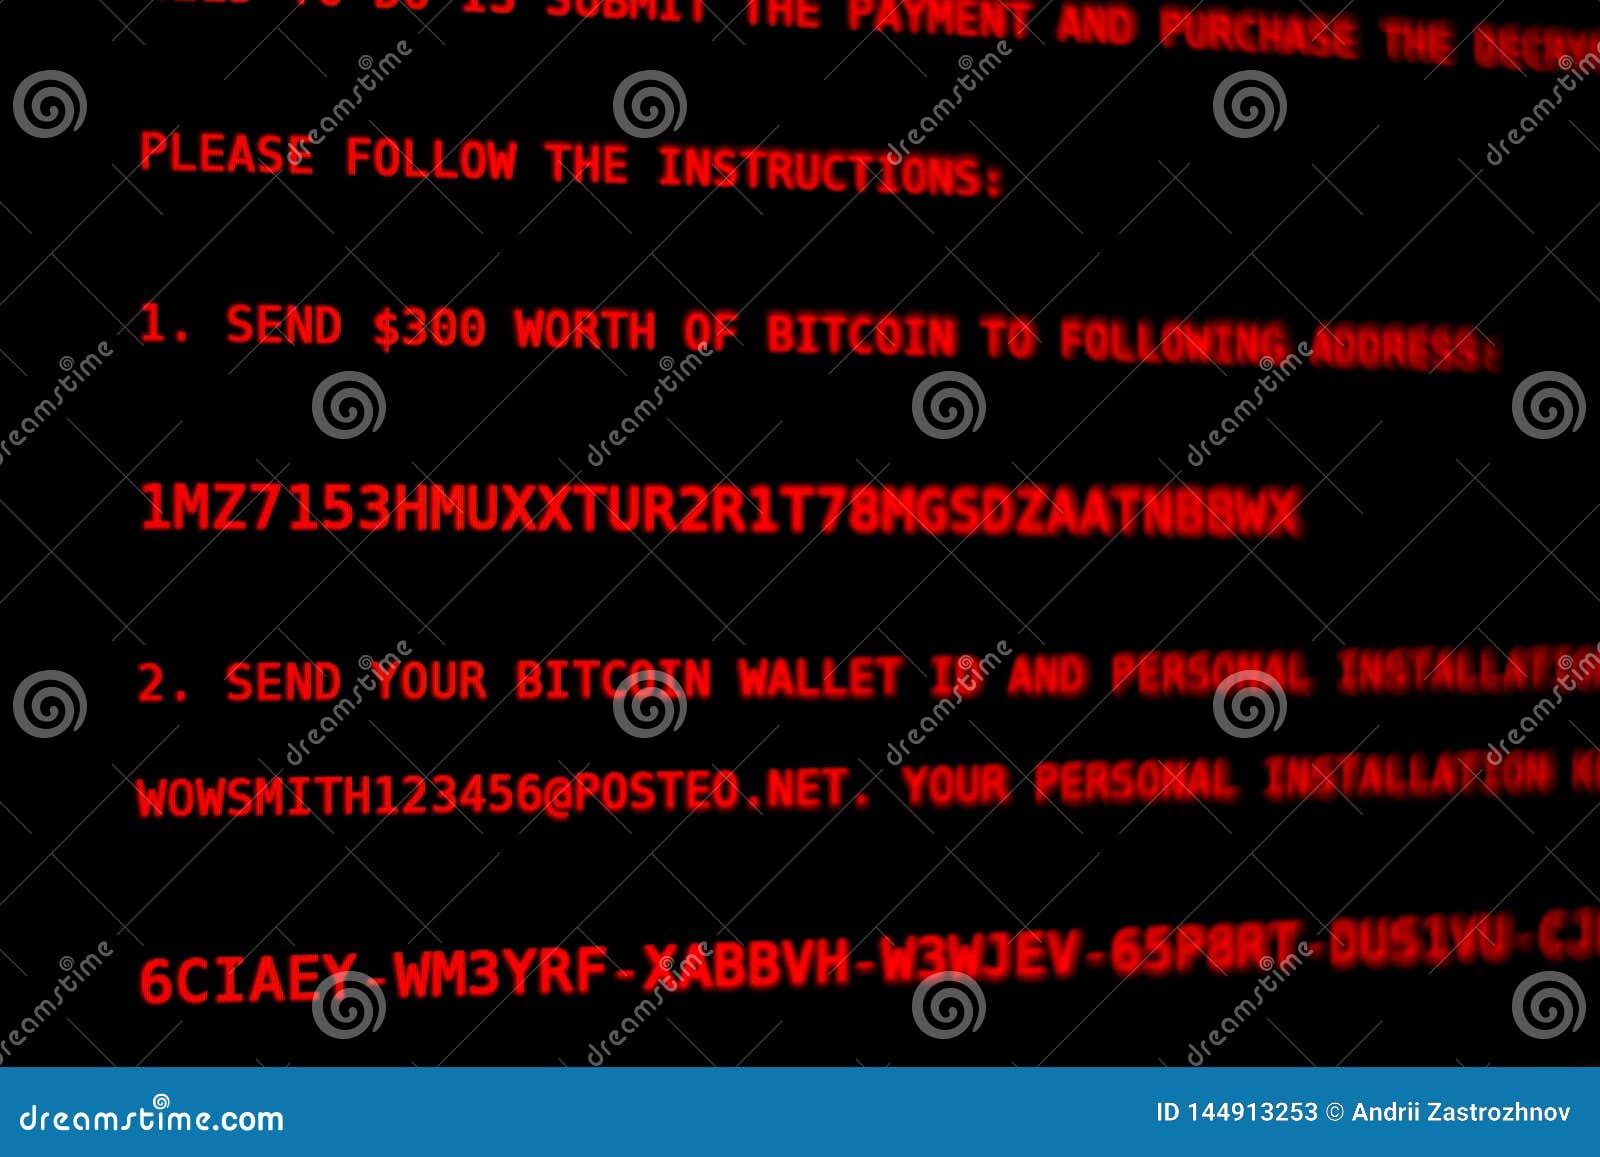 Komputerowy wirus Petya A Parawanowy wydarcie pieniądze